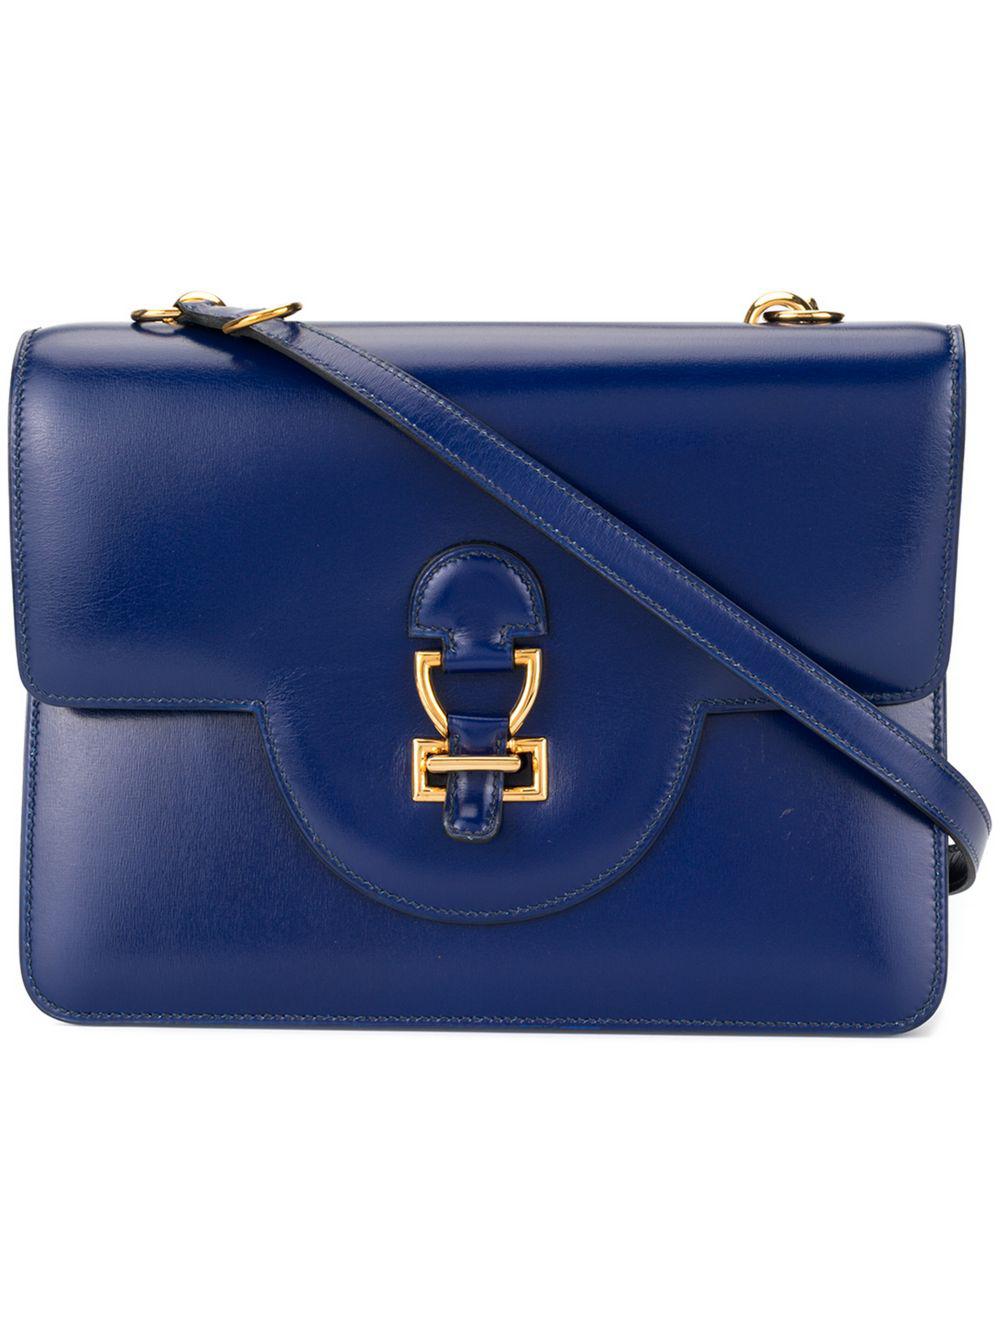 bcfc29d66c59 Hermes HermÈS Pre-Owned Sandrine Shoulder Bag - Farfetch In Blue ...